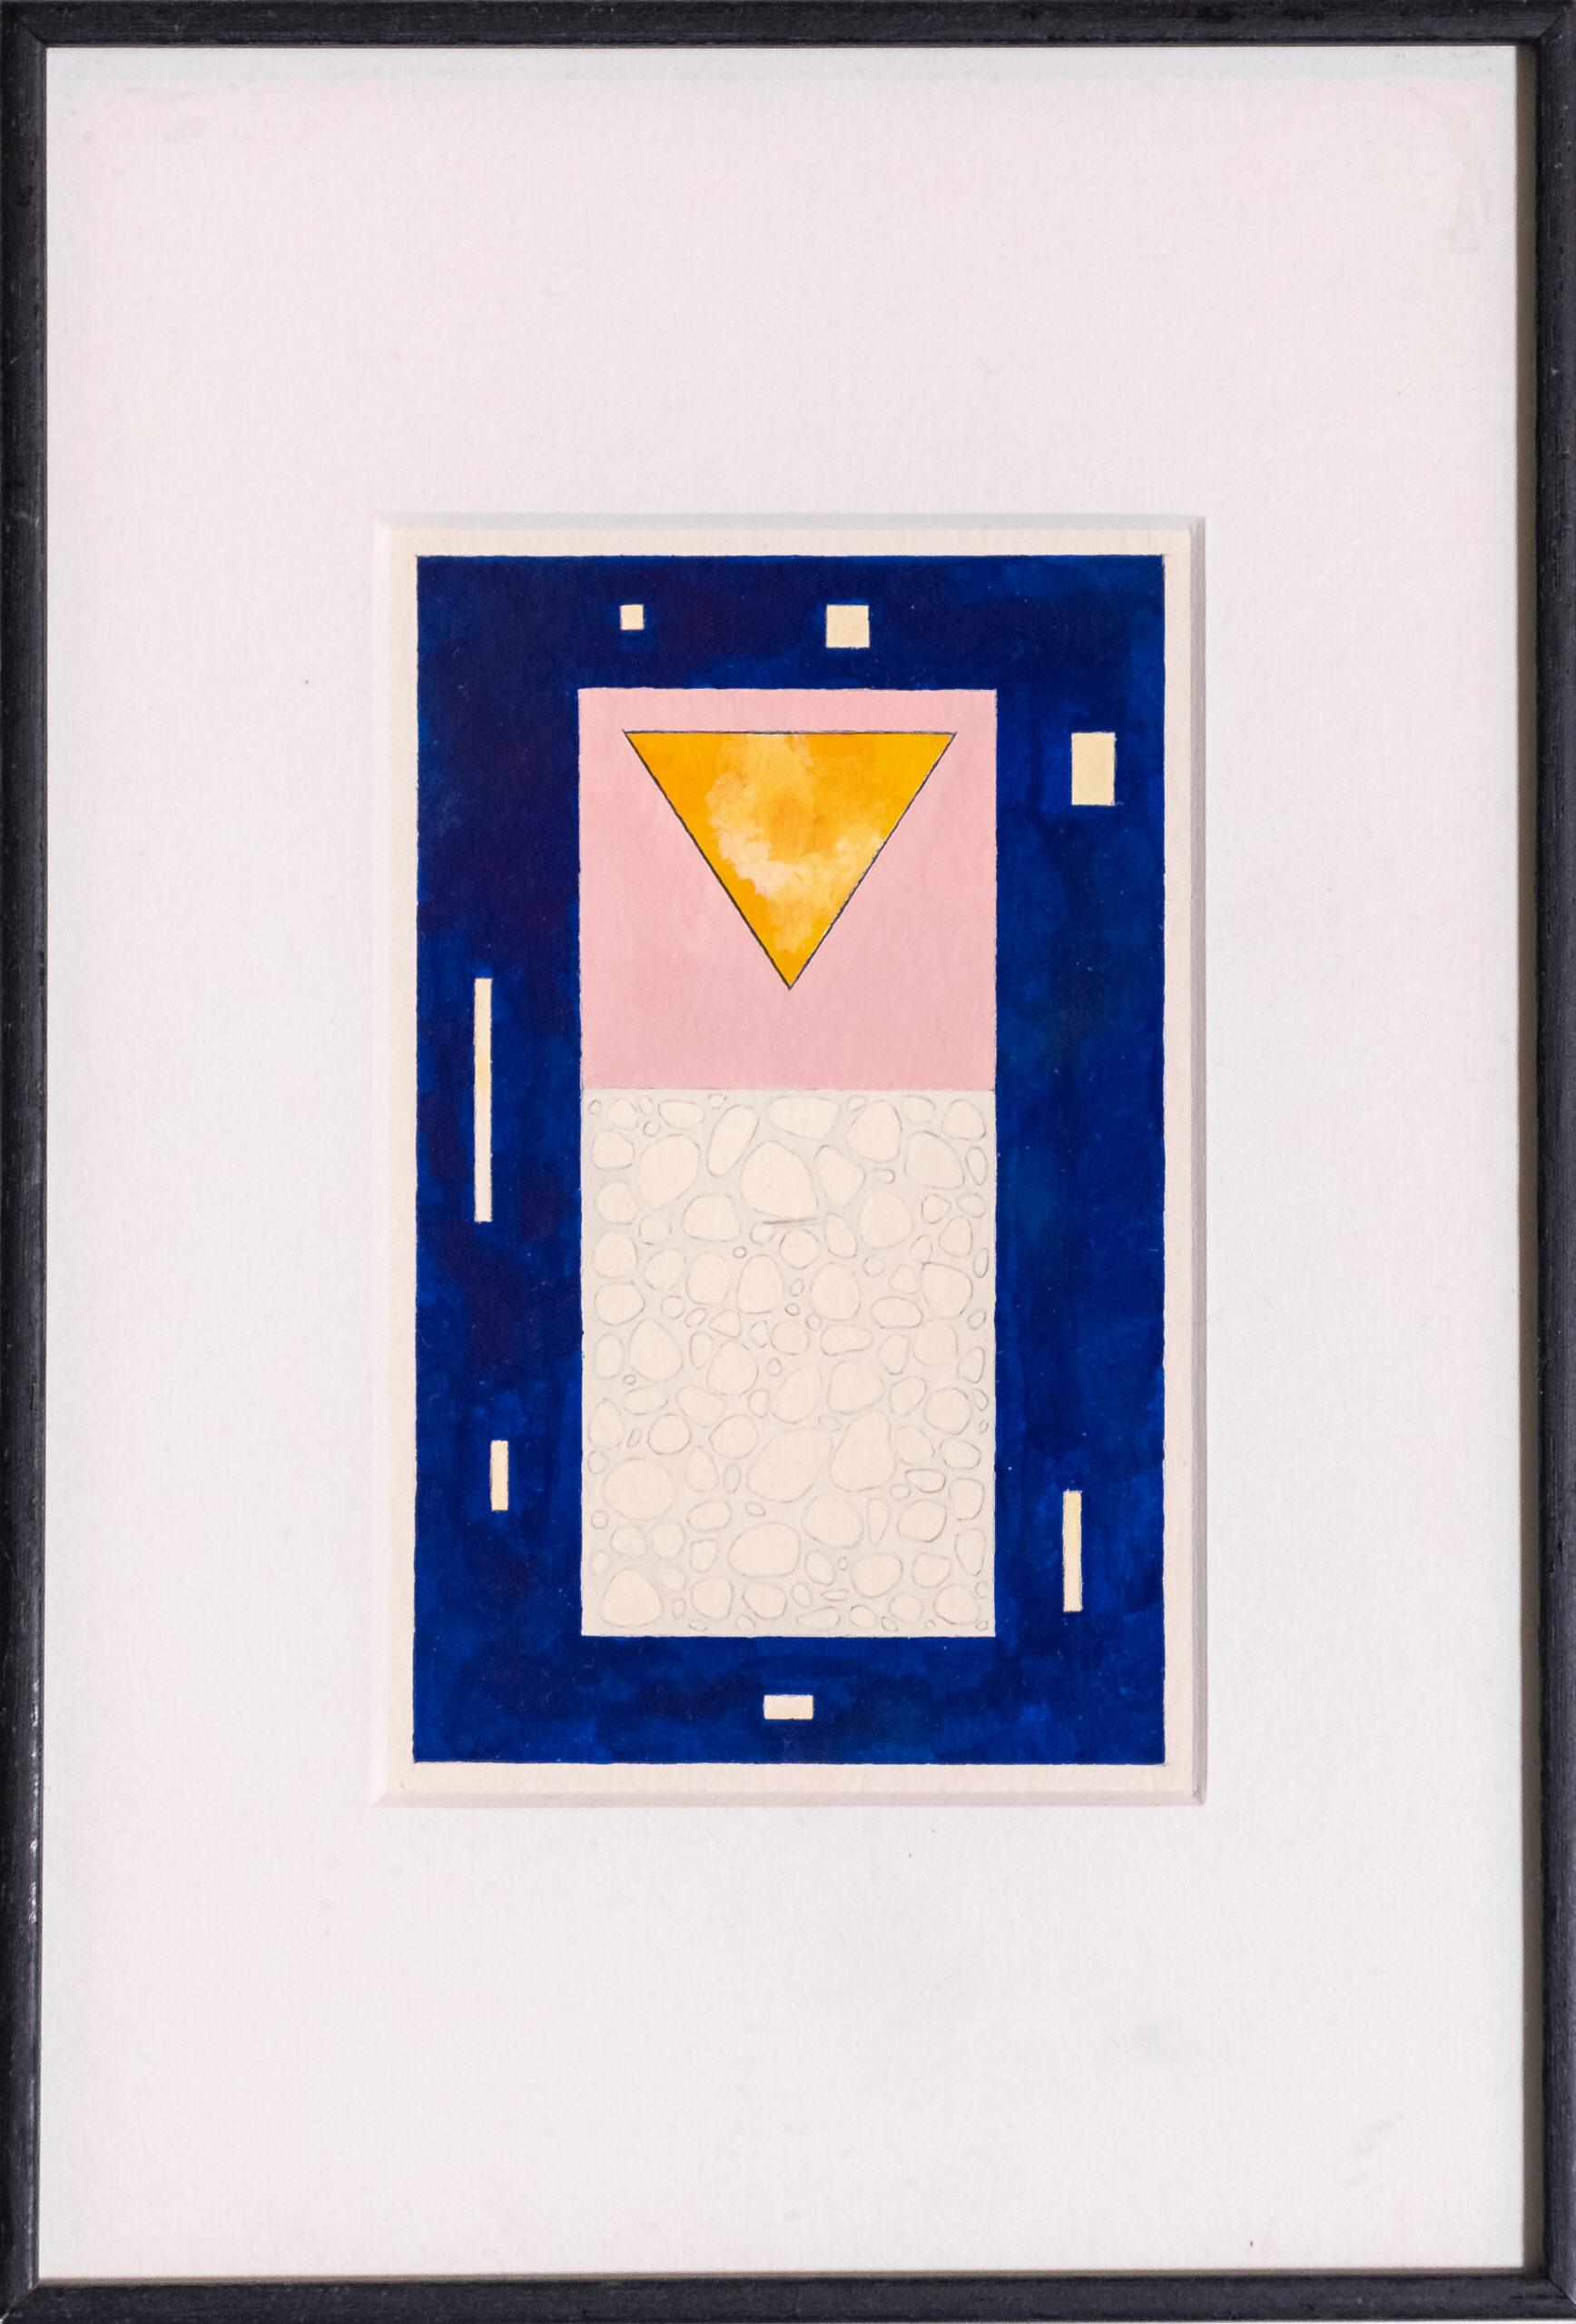 Bekijk de kunstwerken van Rob Strick en meer kunstenaars bij Het Bouwhuis in Deventer. We hebben een wisselende kunstcollectie.